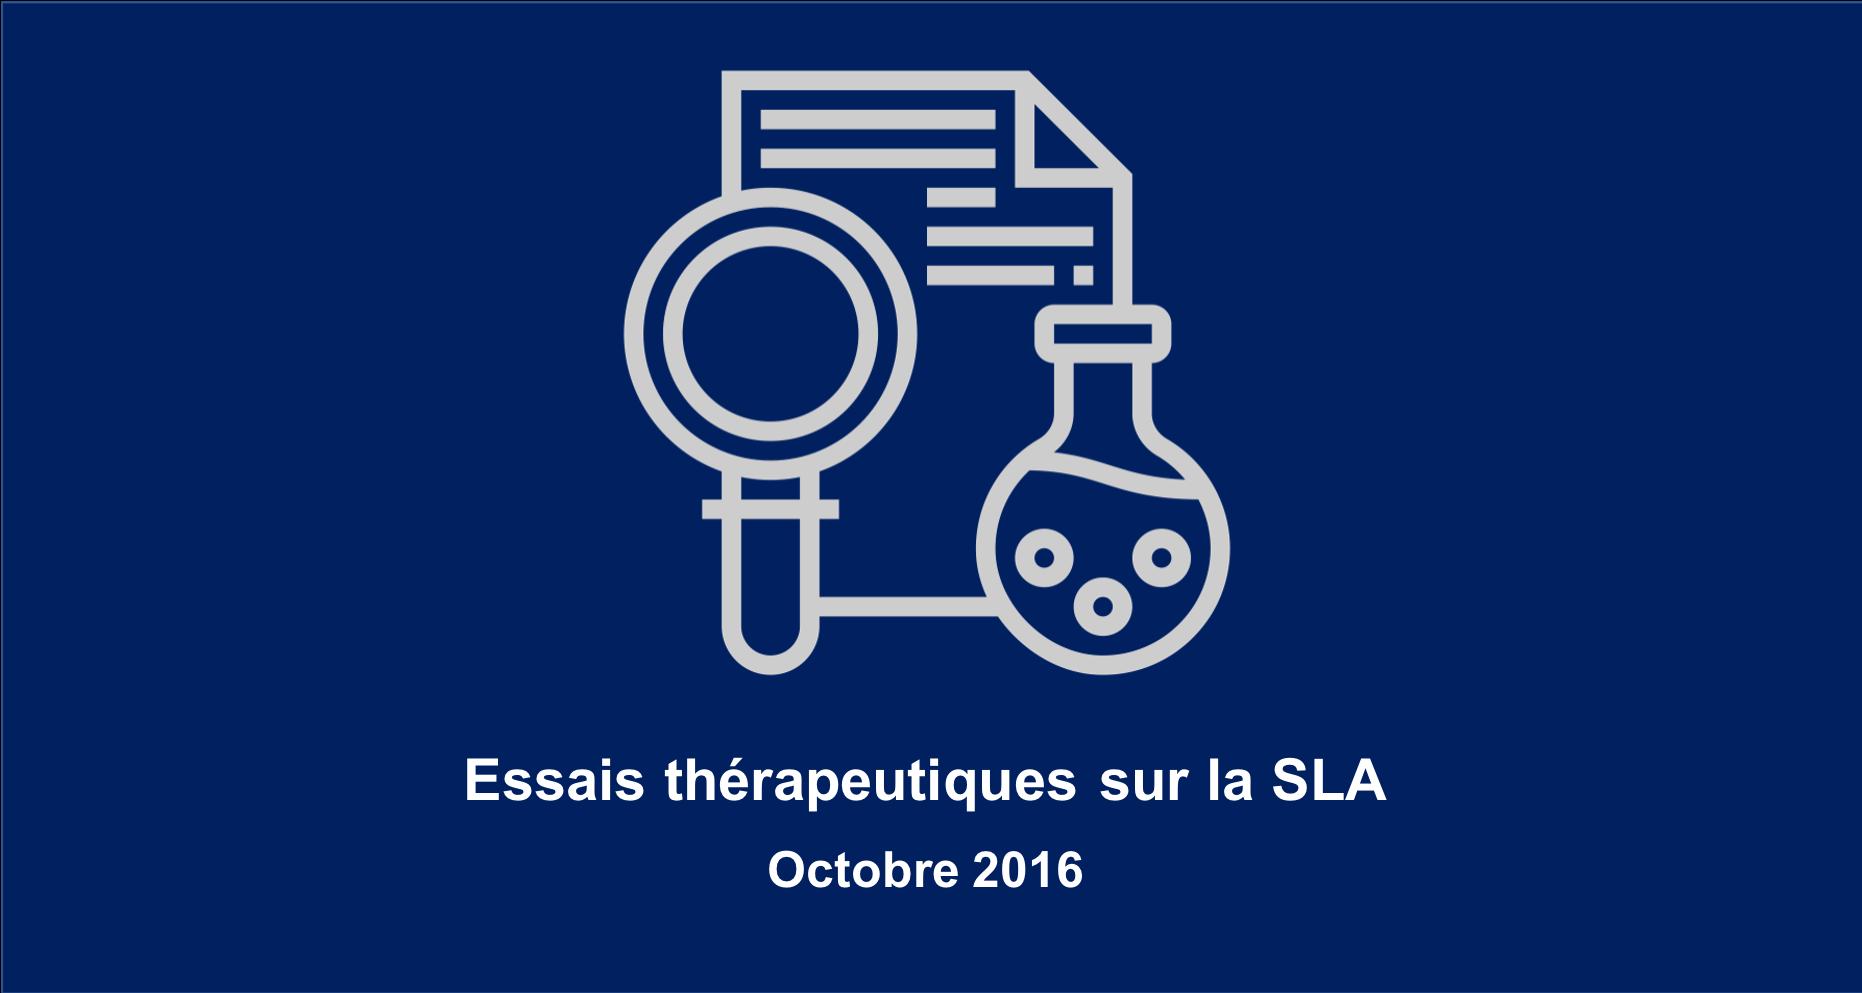 Essais thérapeutiques en cours et à venir sur la SLA